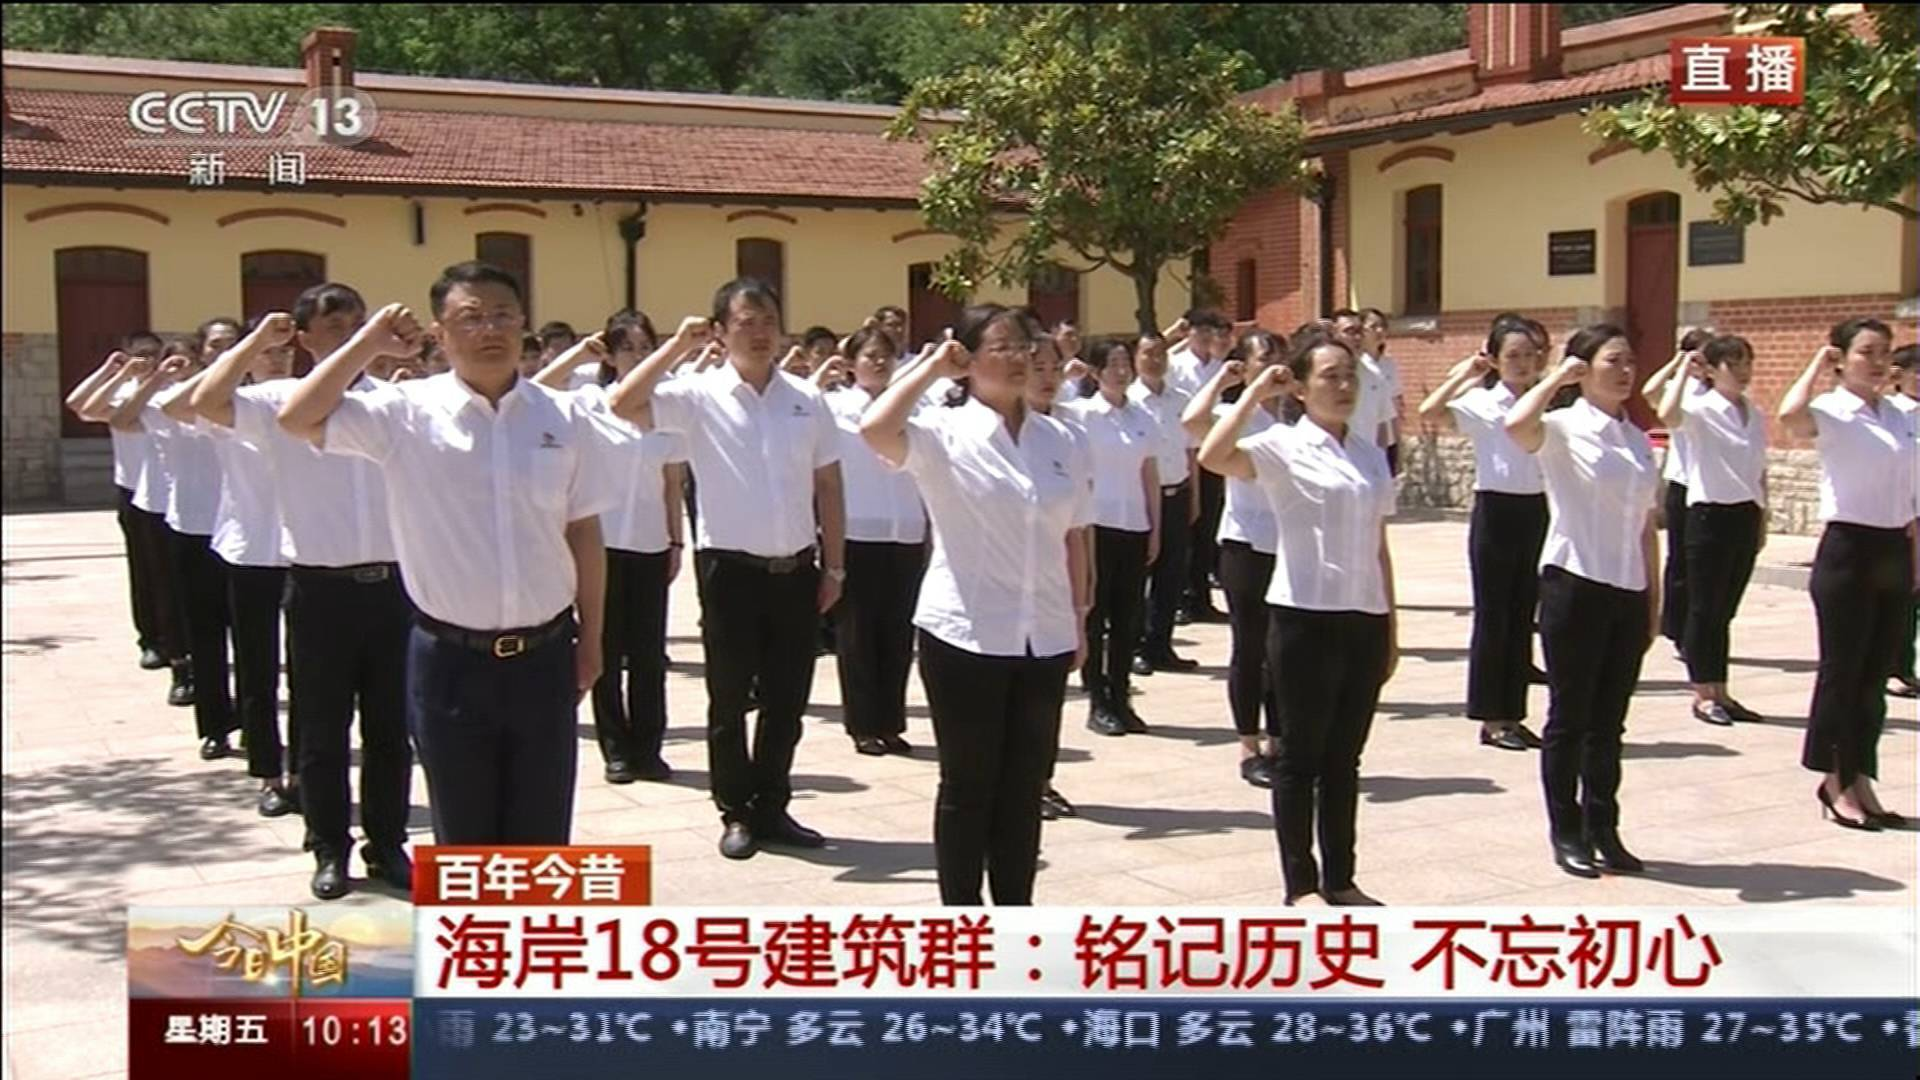 今日中国·山东篇丨【百年今昔】青岛海岸18号建筑群:一砖一瓦见证了百年来革命先驱为美好未来而发出的先声